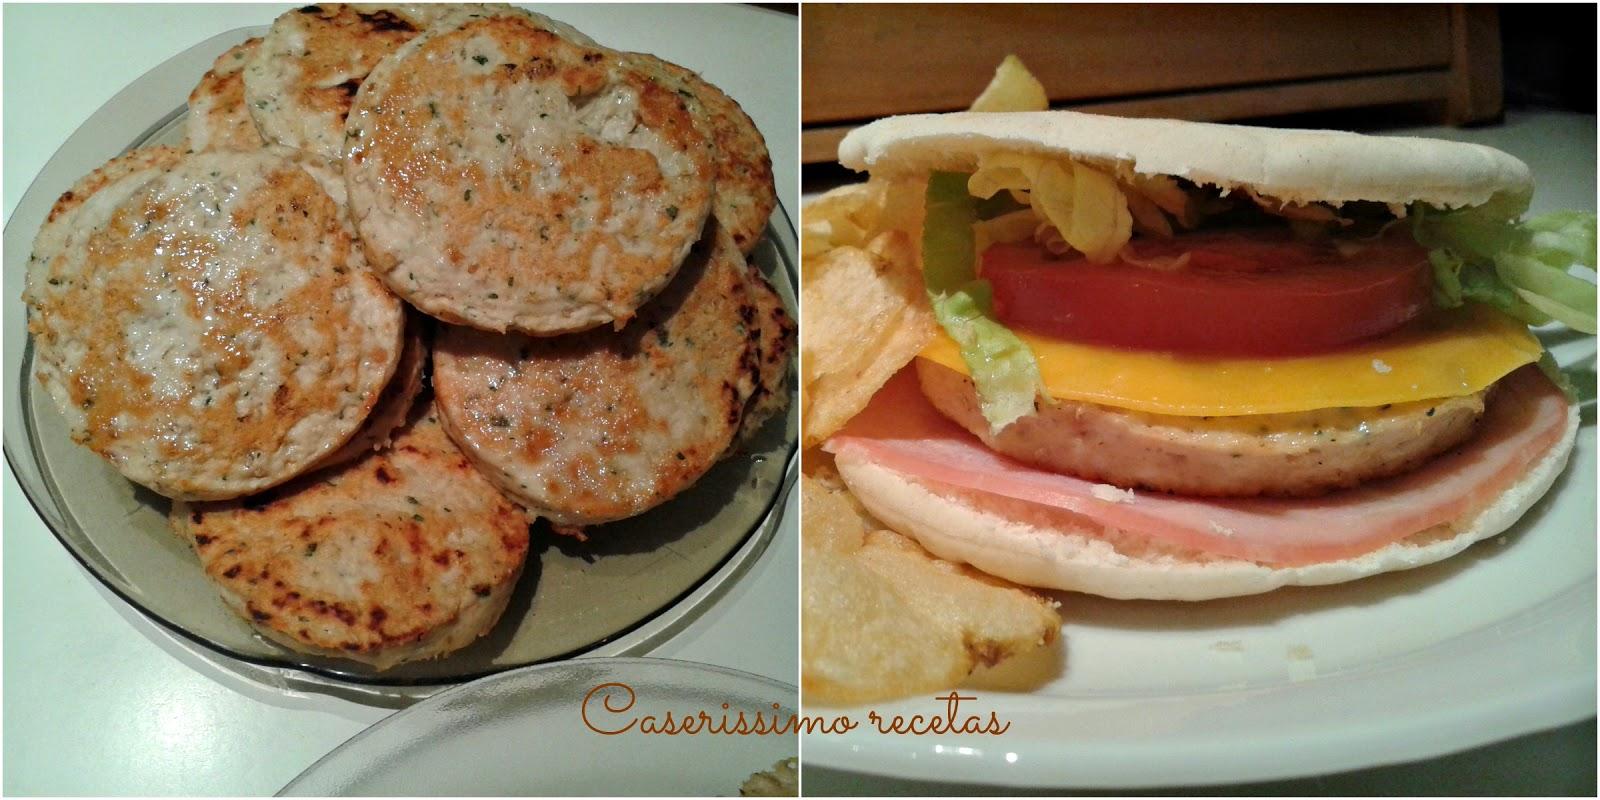 Sandwiches de hamburguesas de pollo caserissimo - Hamburguesas de pescado para ninos ...